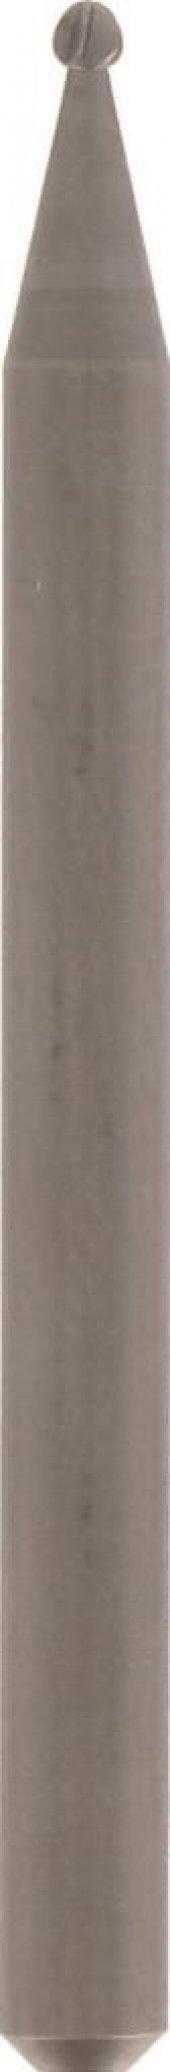 Dremel Gravür Kesici 1,6 Mm (106) (3 Adet)